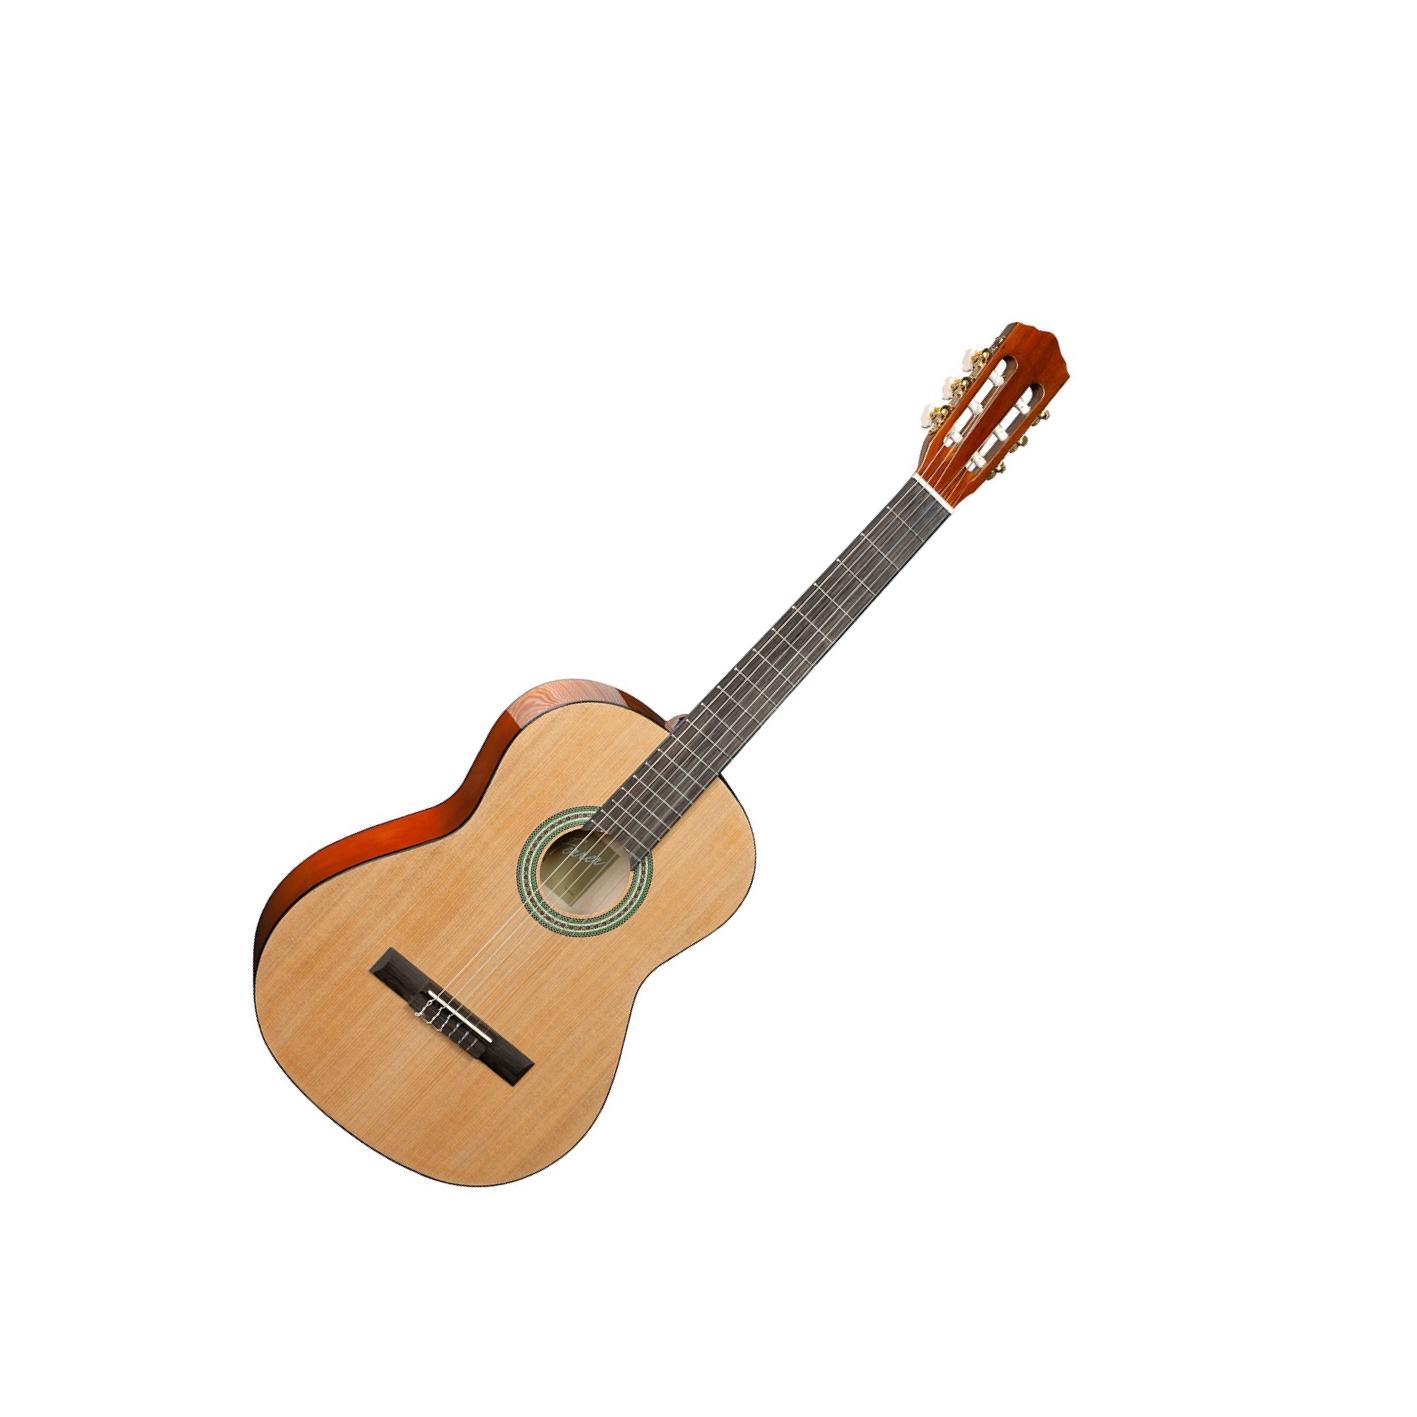 Jose Ferrer Estudiante 1/2 Classical Guitar 5208C